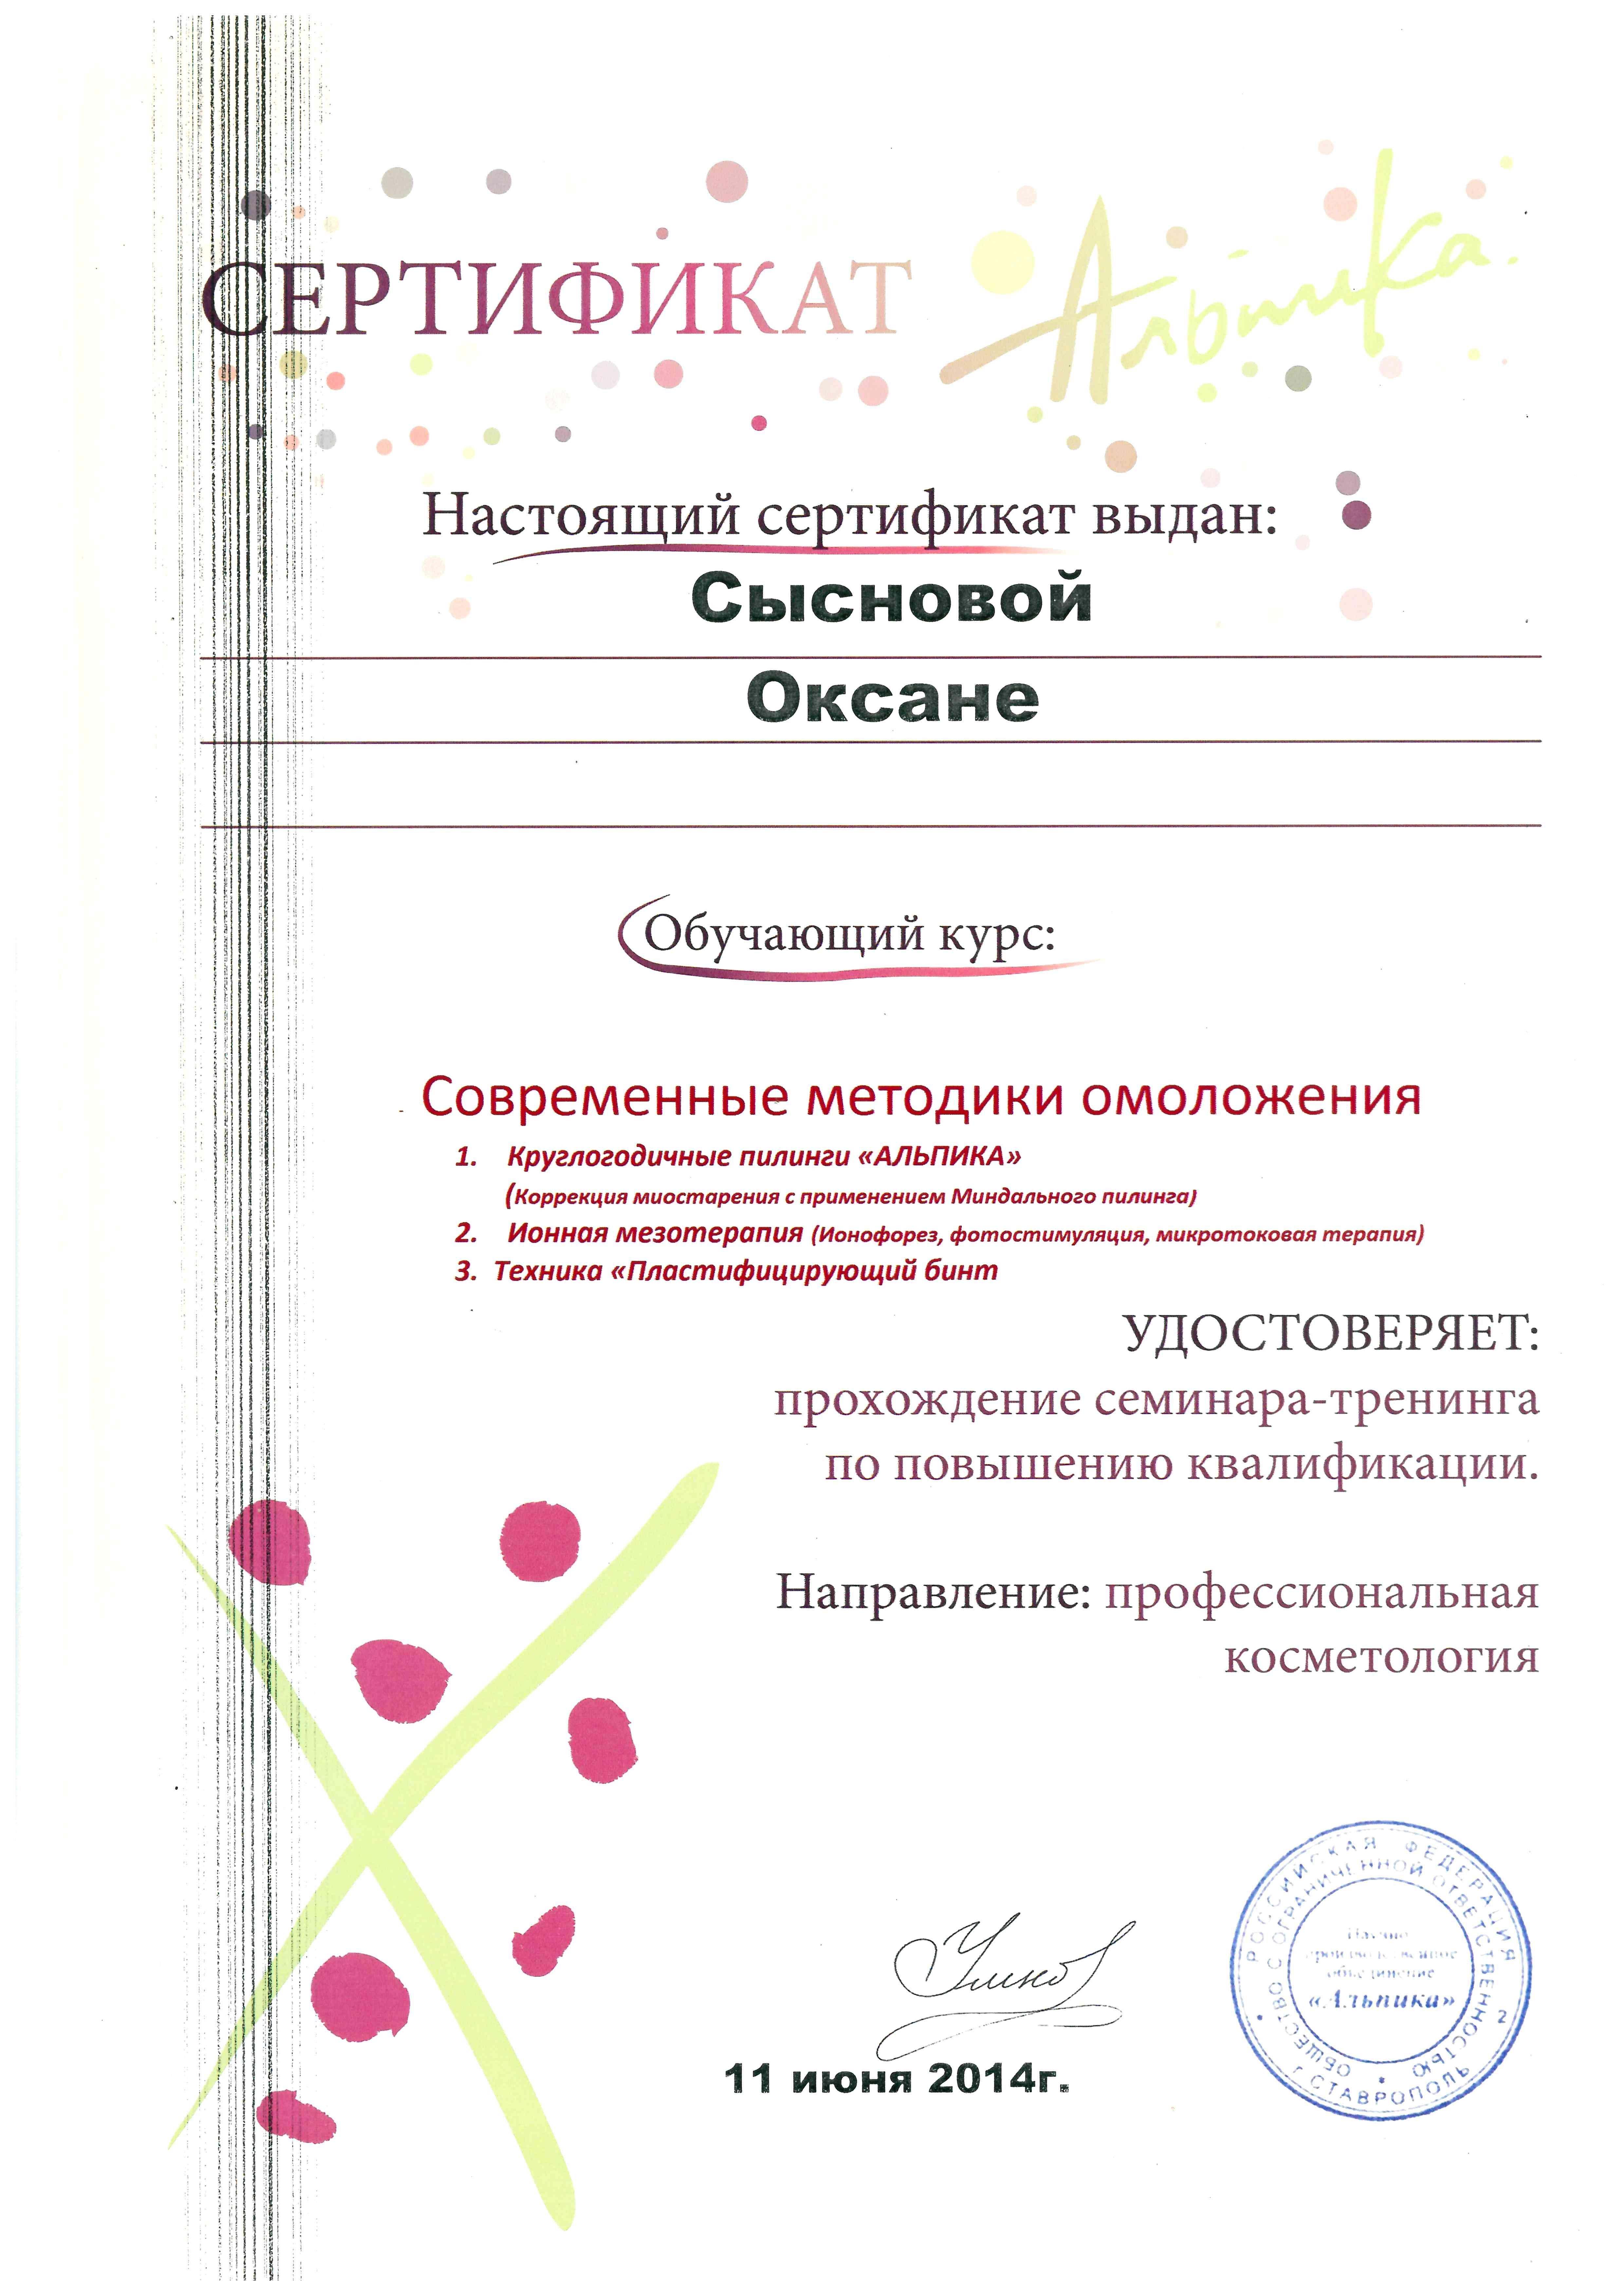 Dokumenty-po-kosmetologu-0004